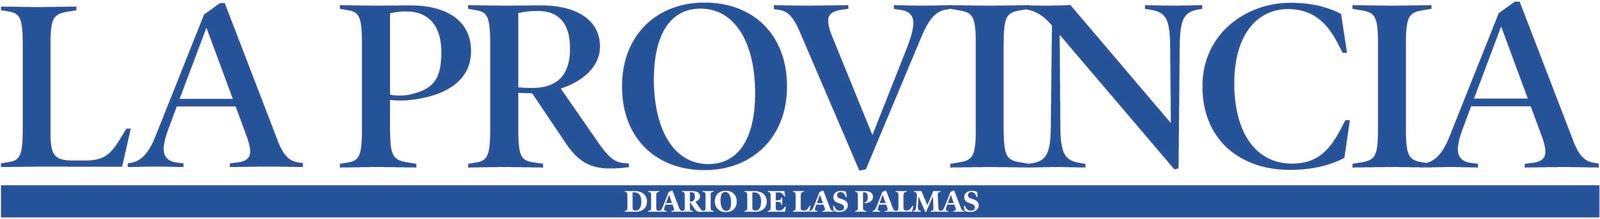 Archivo:La Provincia Diario de Las Palmas.jpg - Wikipedia, la ...